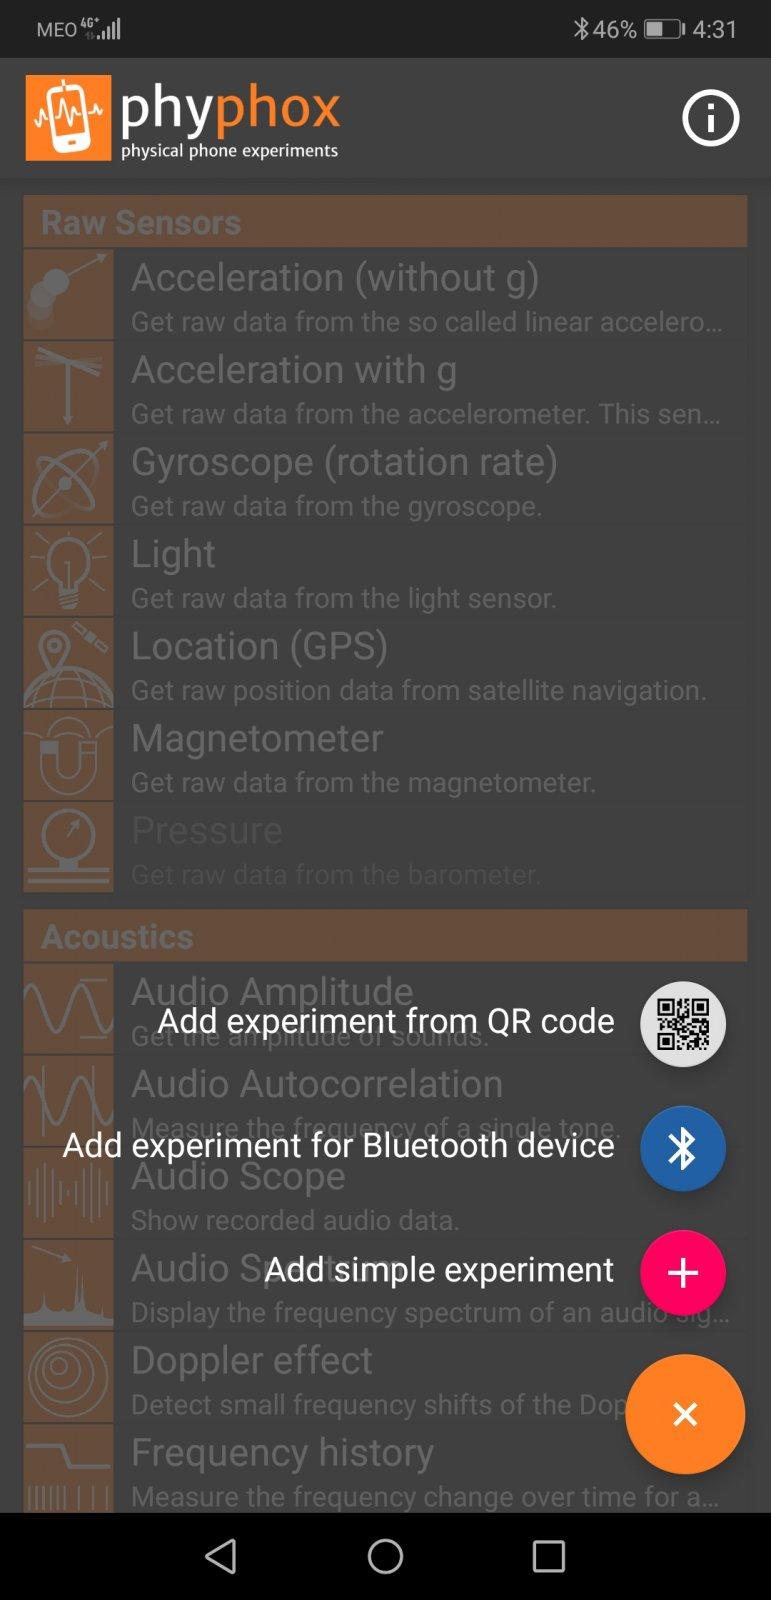 Screenshot_20190925_163120_de.rwth_aachen.phyphox.jpg